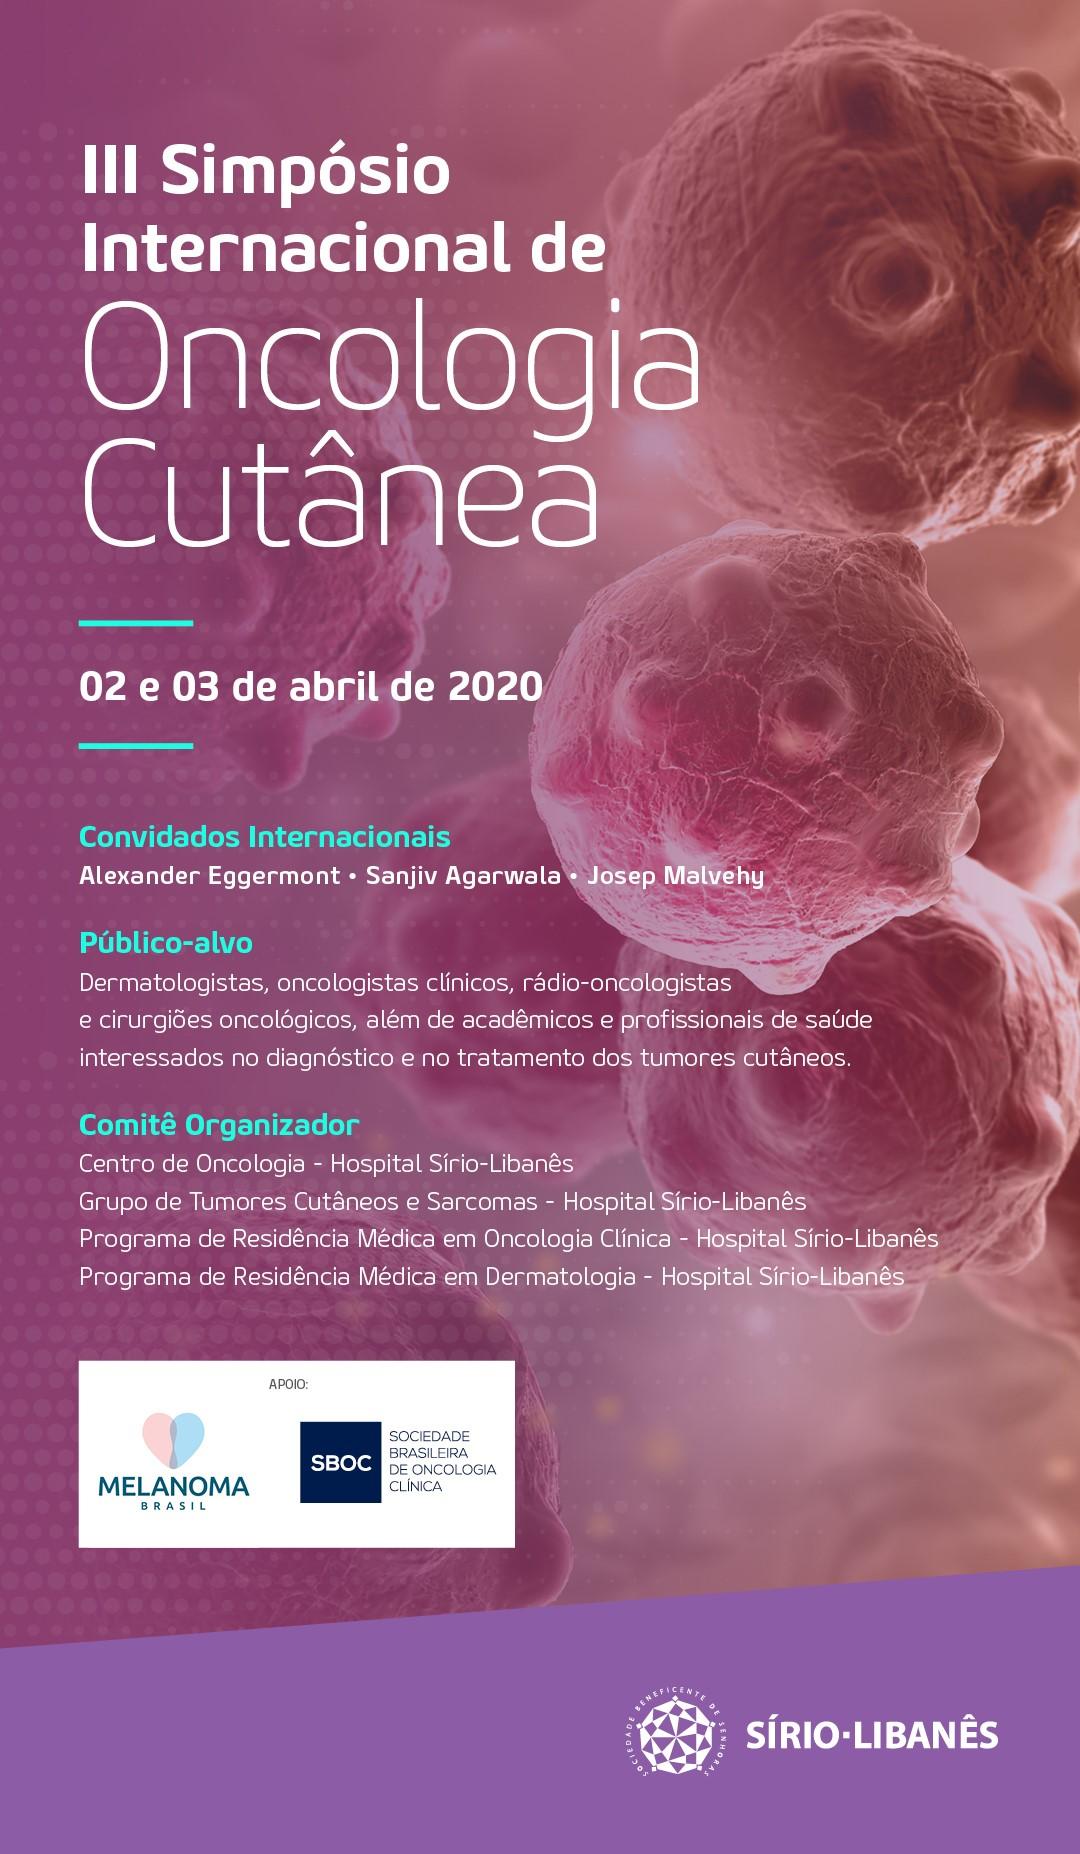 III Simpósio Internacional de Oncologia Cutânea - Mais informações